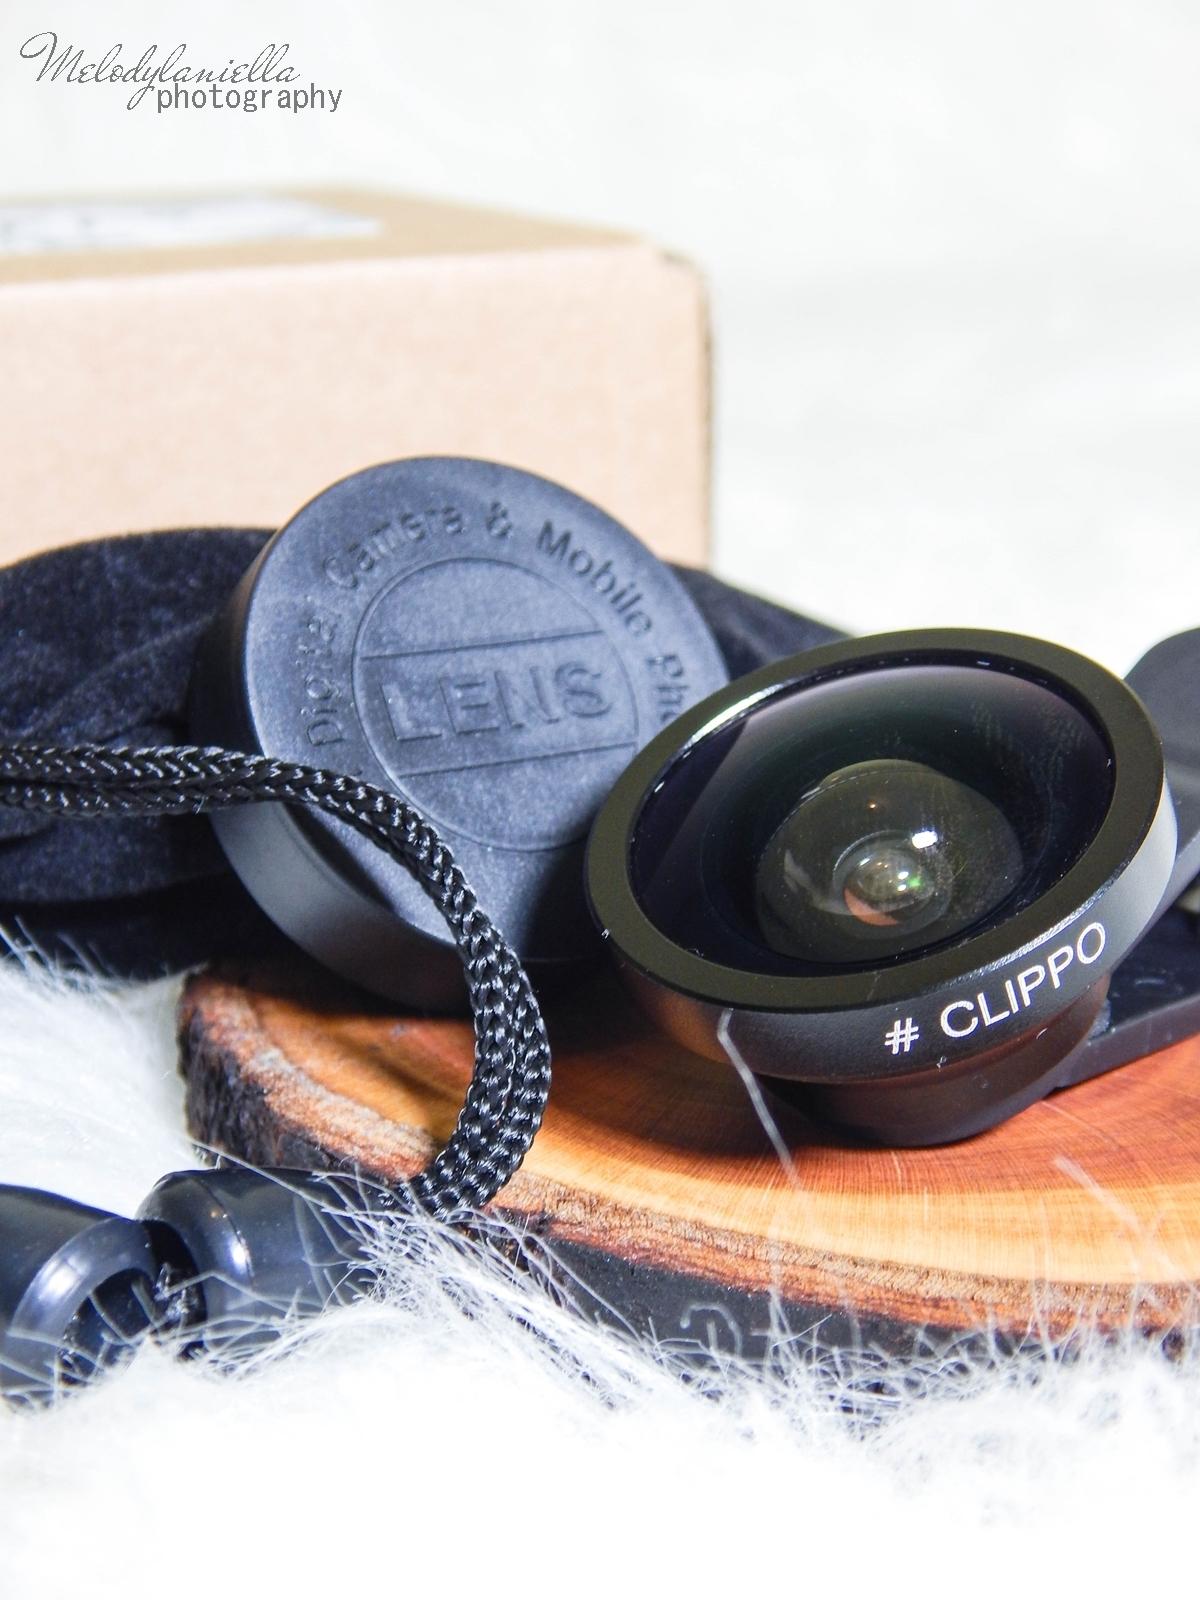 recenzja obiektywu do telefonu clippo fish eye obiektywy do komorek melodylaniella test sprzetu mobilnego #clippo prezenty dla niego